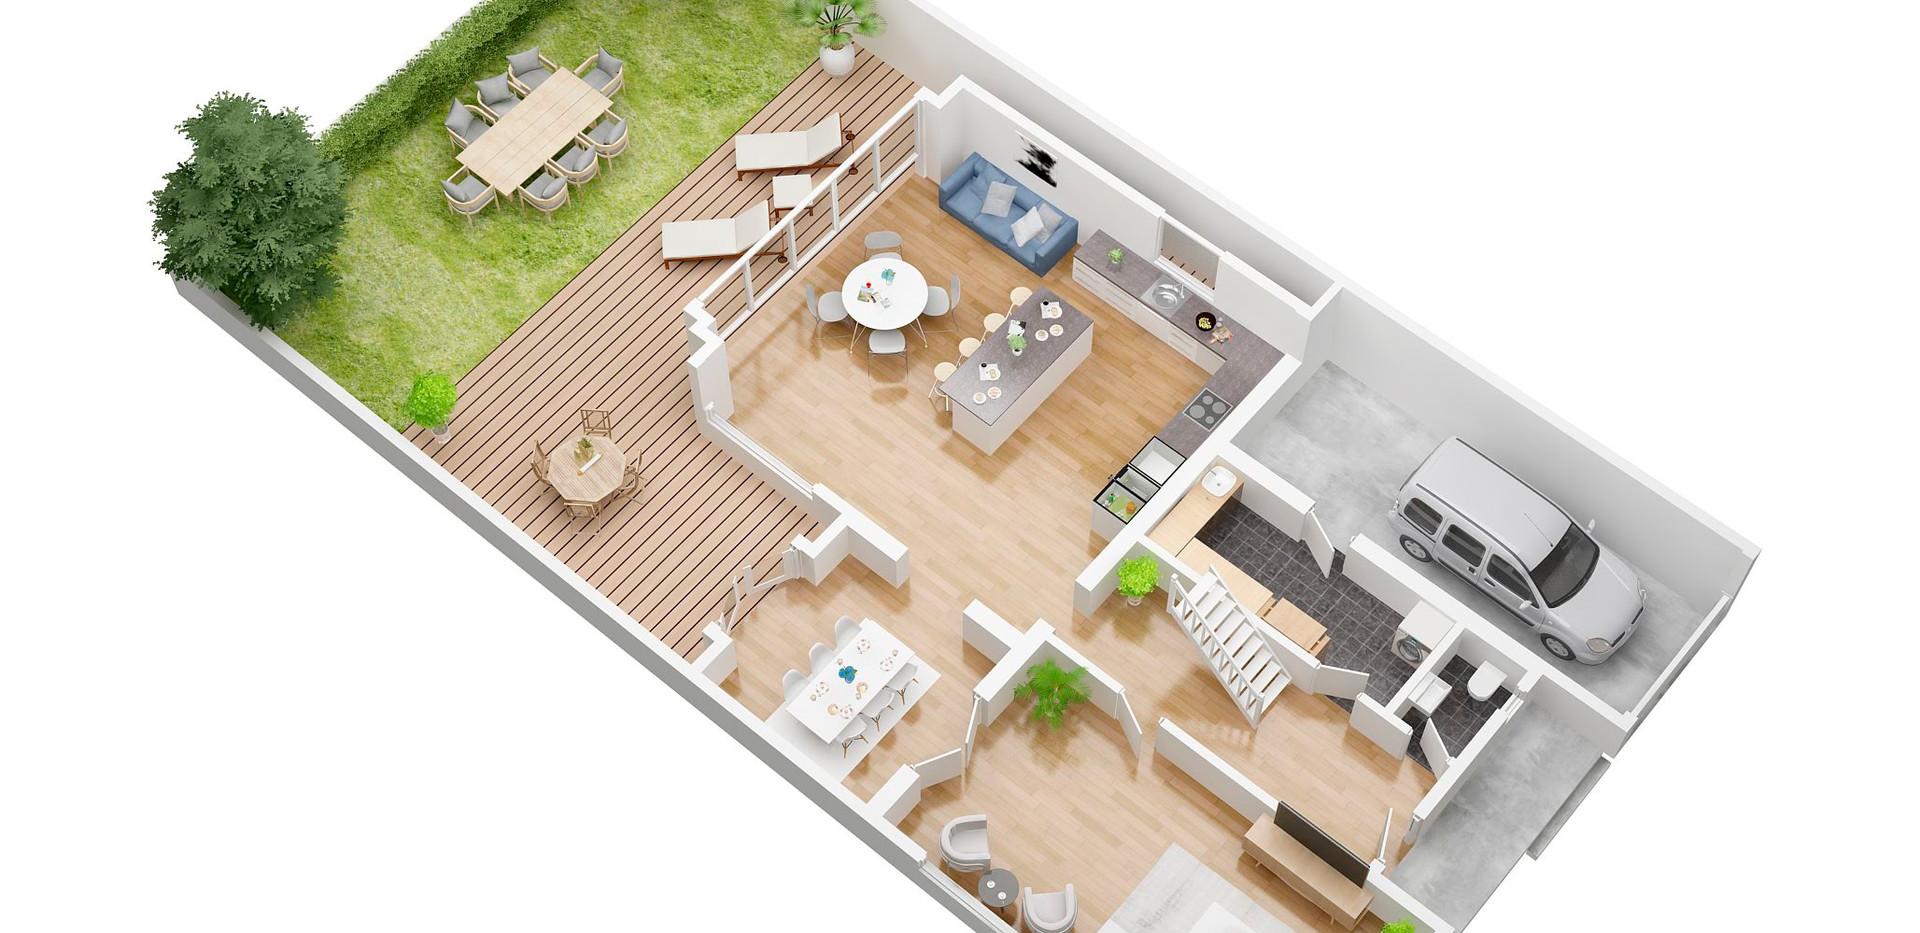 janusphotograph_Ground floor_3D  floor plan